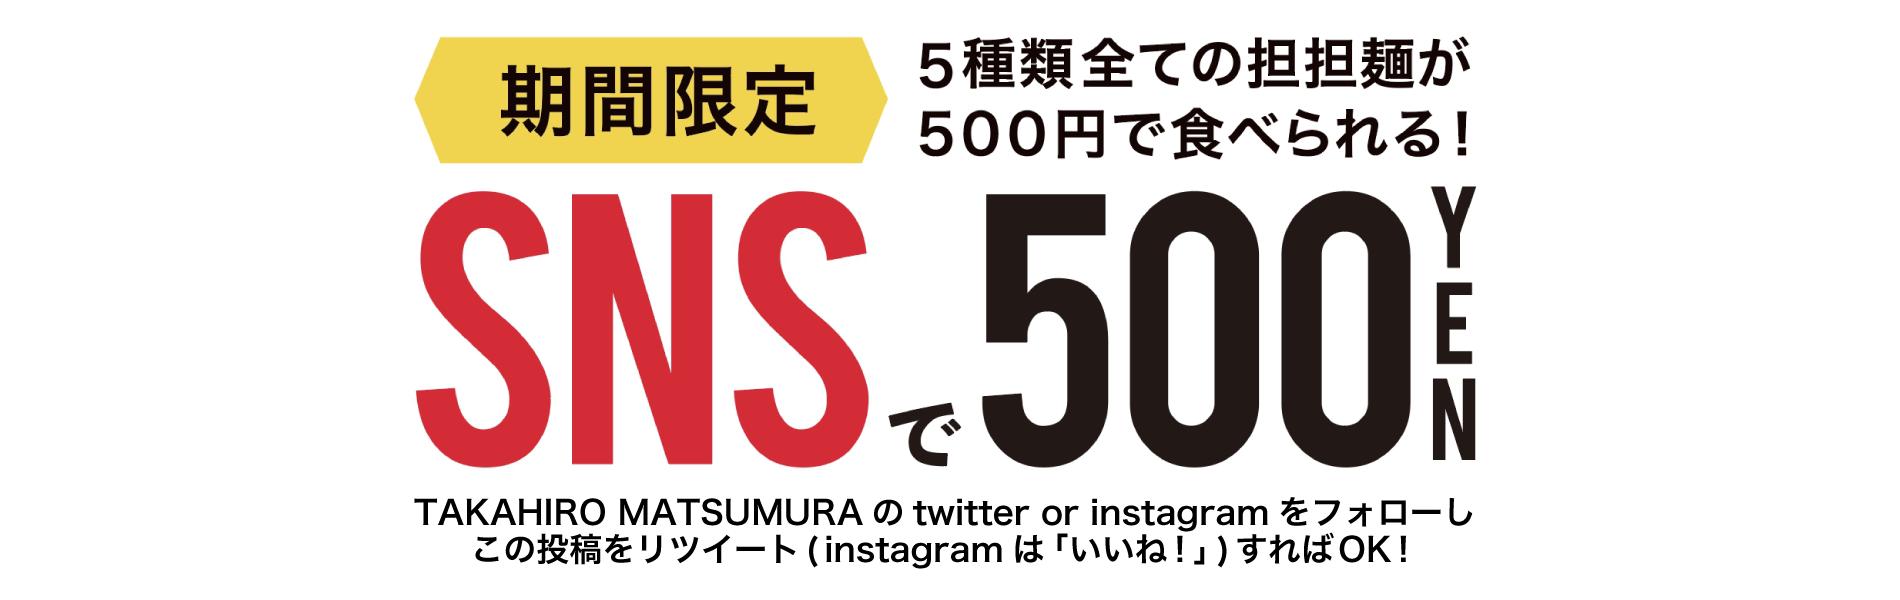 SNSで500円キャンペーン